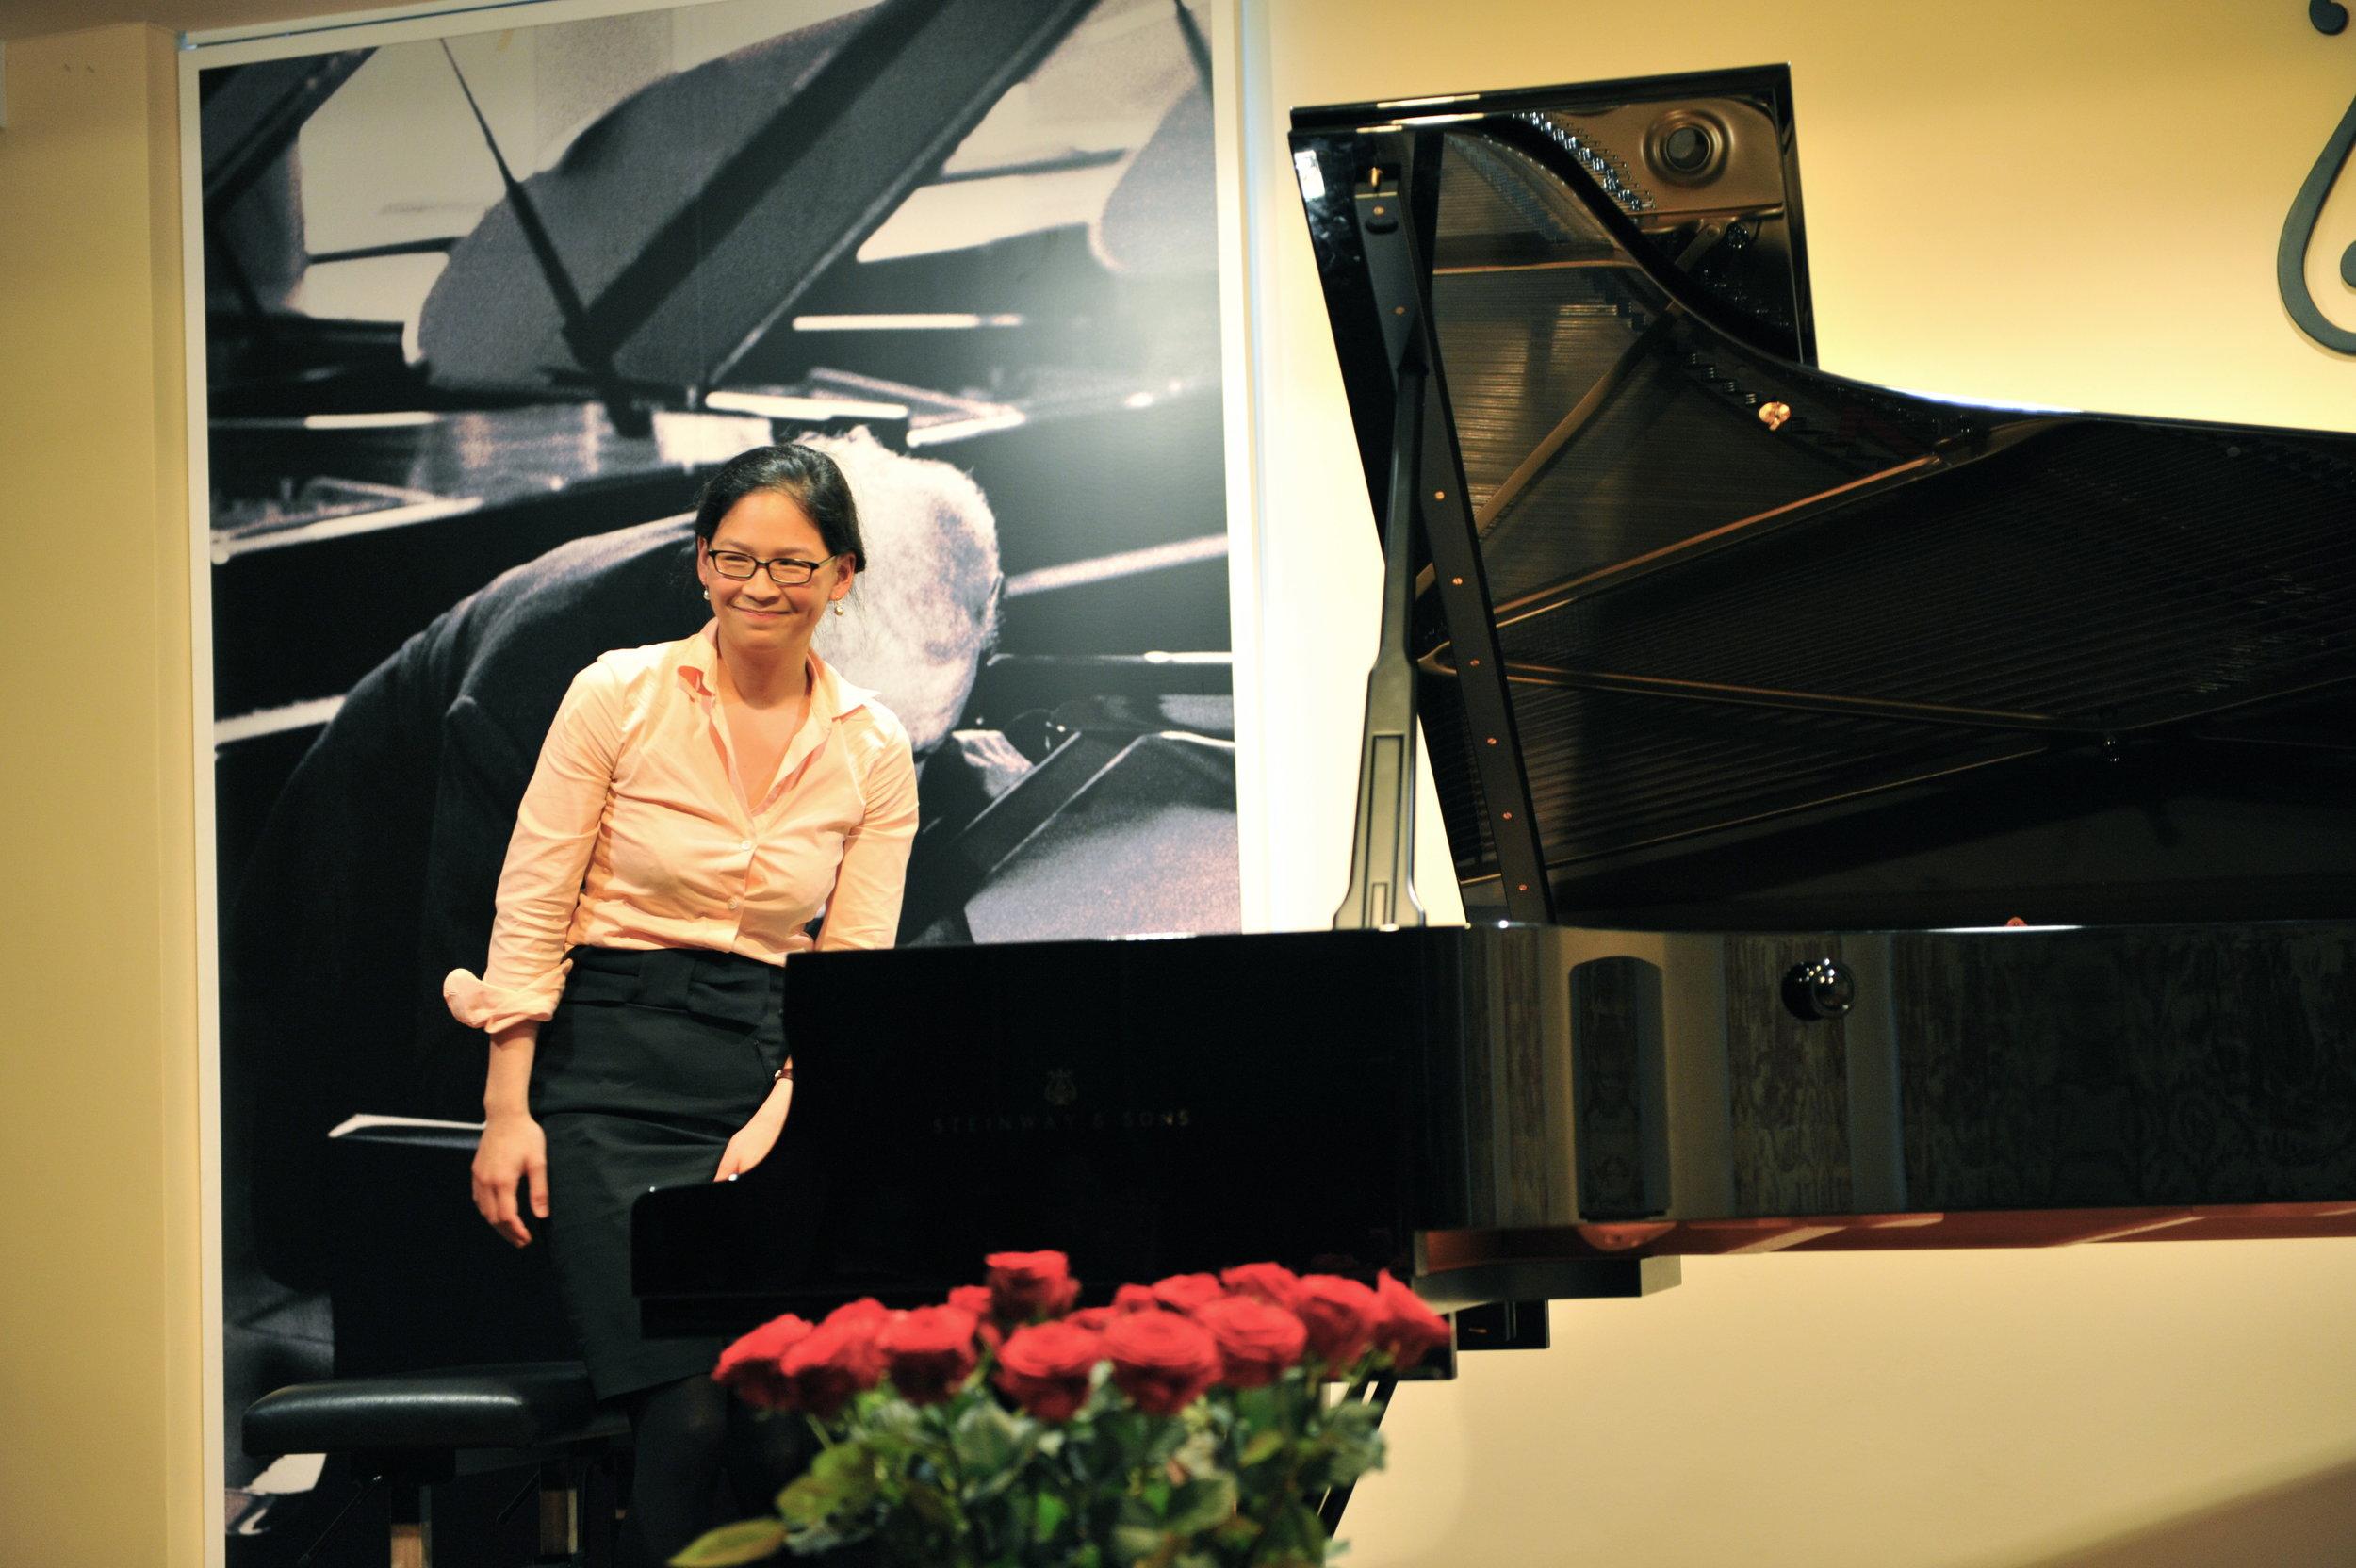 Klavierunterricht für Fortgeschrittene - Effektive Übe- und Spieltechnik sowie musikalische Interpretation